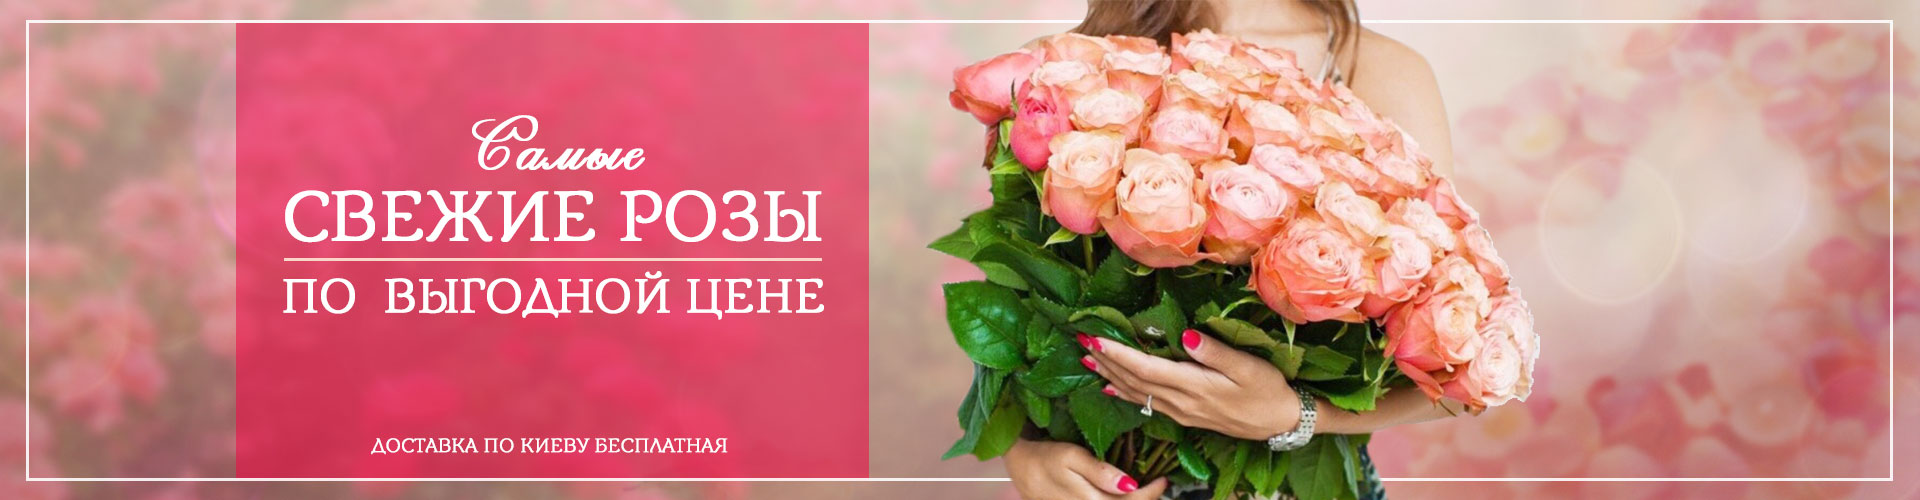 заказ и доставка цветов в киеве